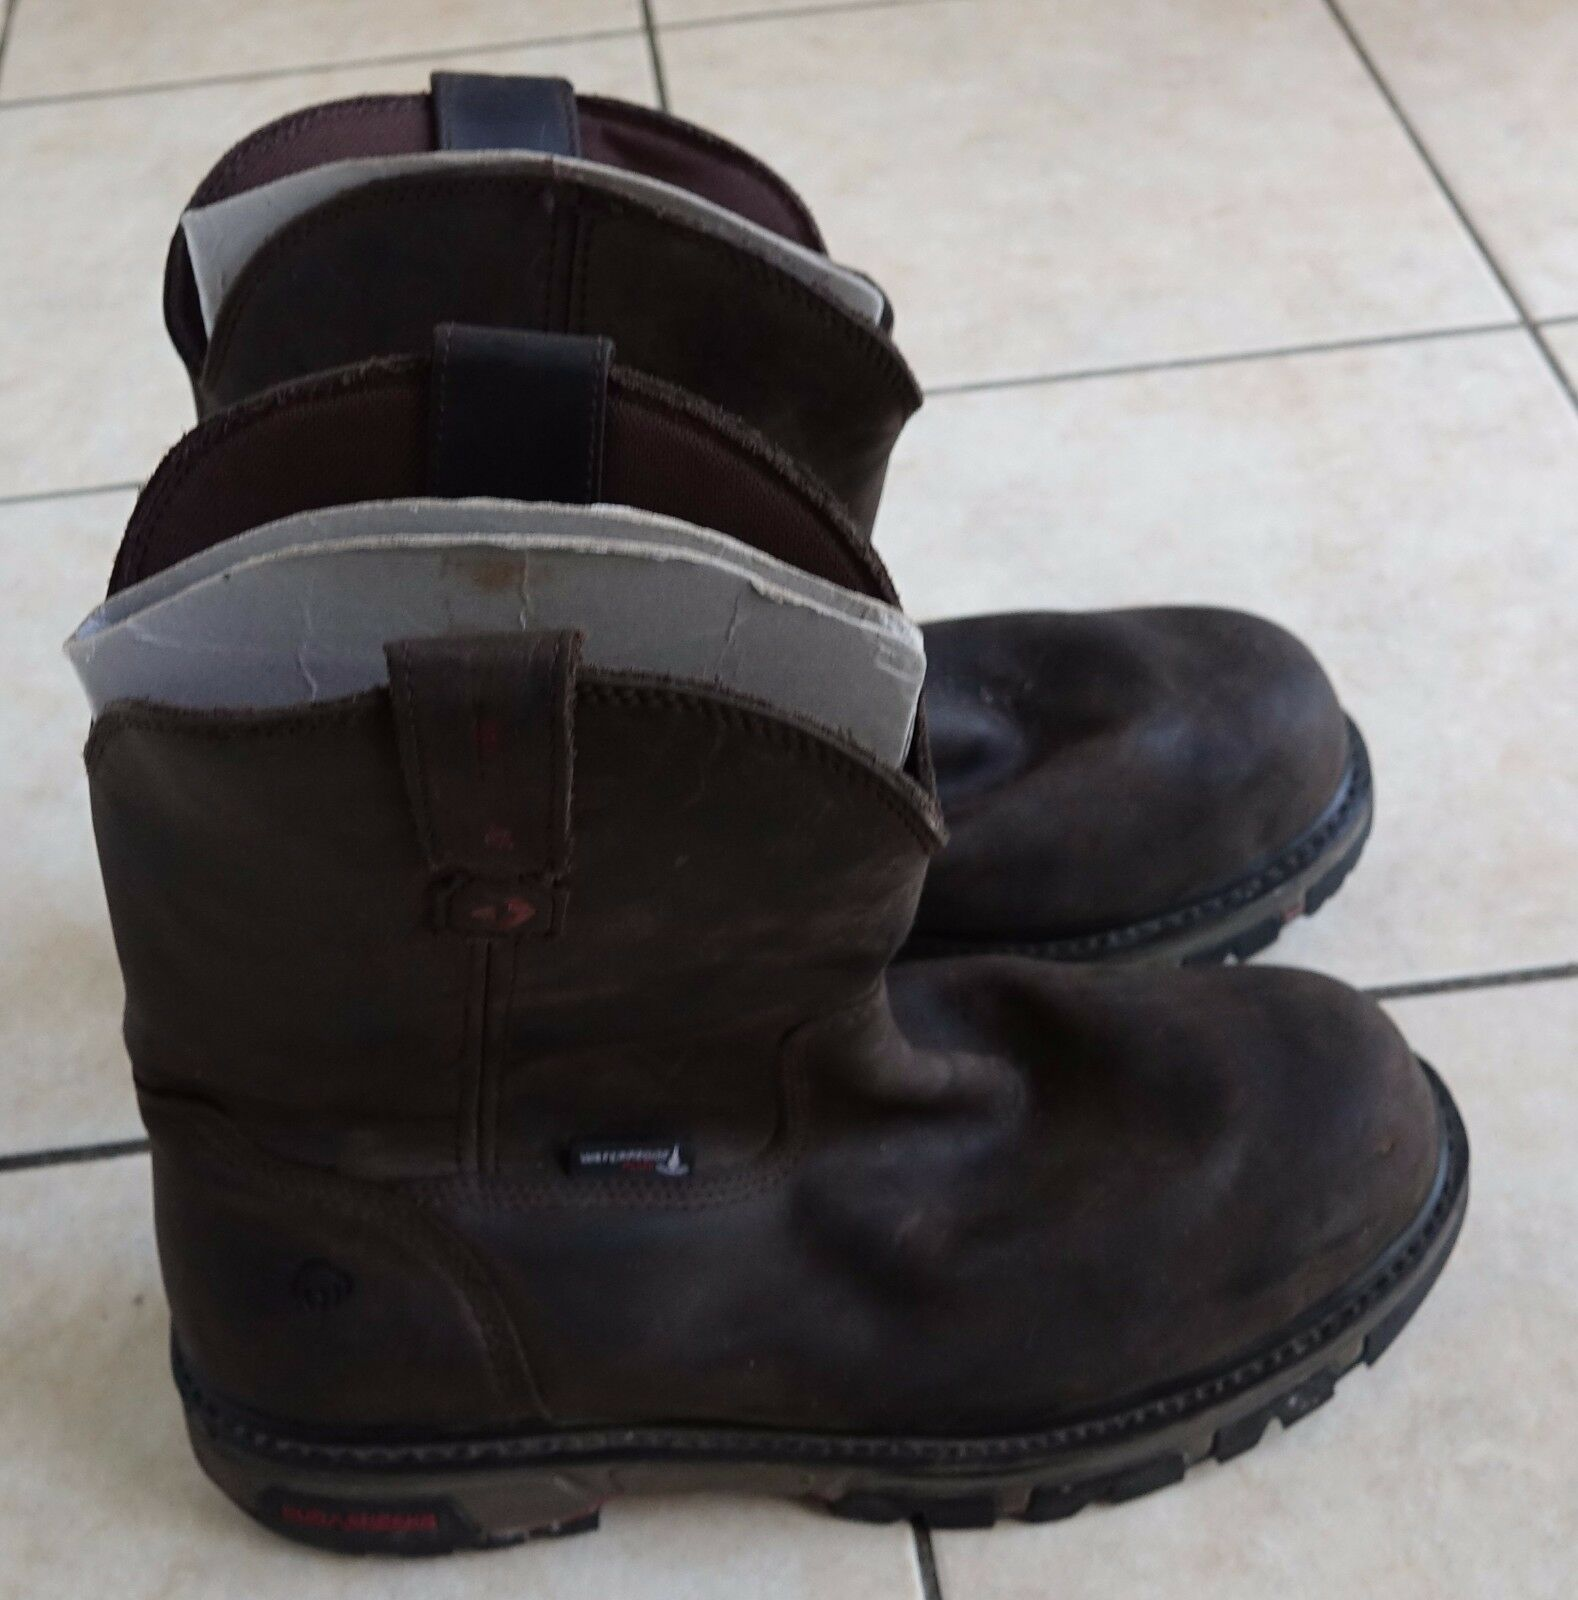 Wolverine Men's Nation DuraShocks Work brown leather Boots, 13 M